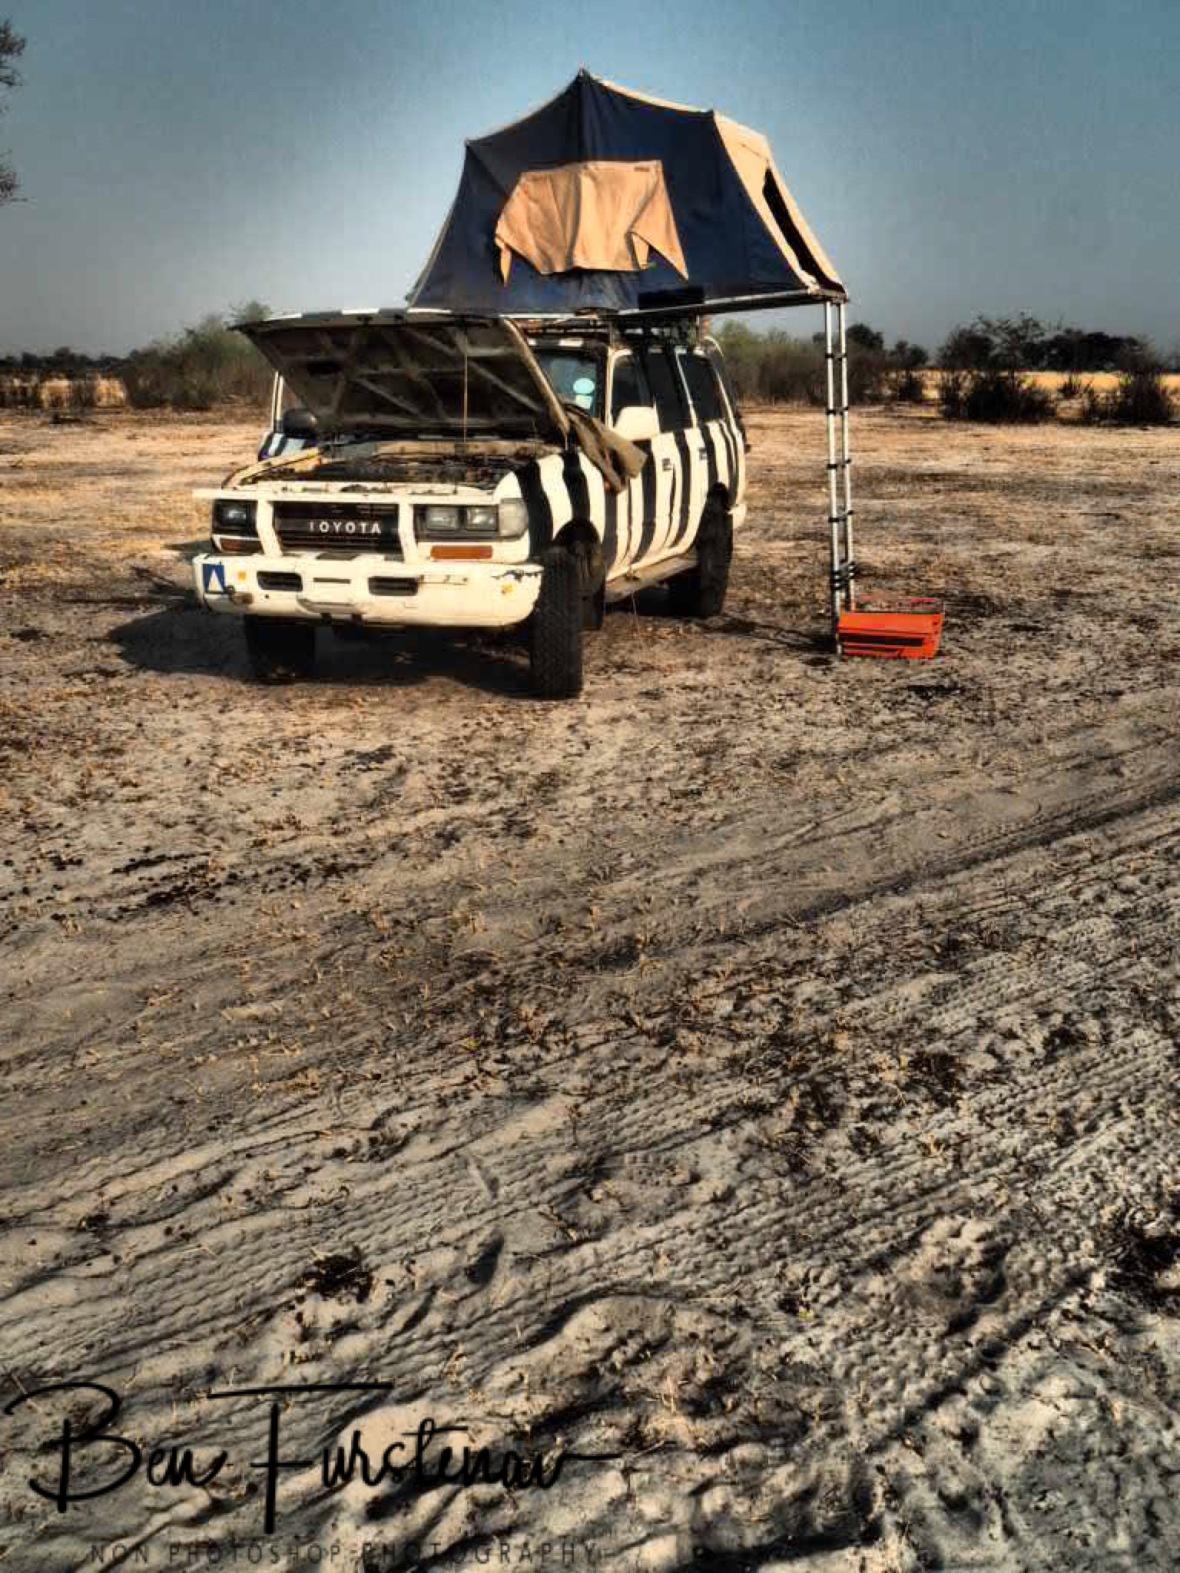 Early morning setup, Khaudum National Park, Namibia